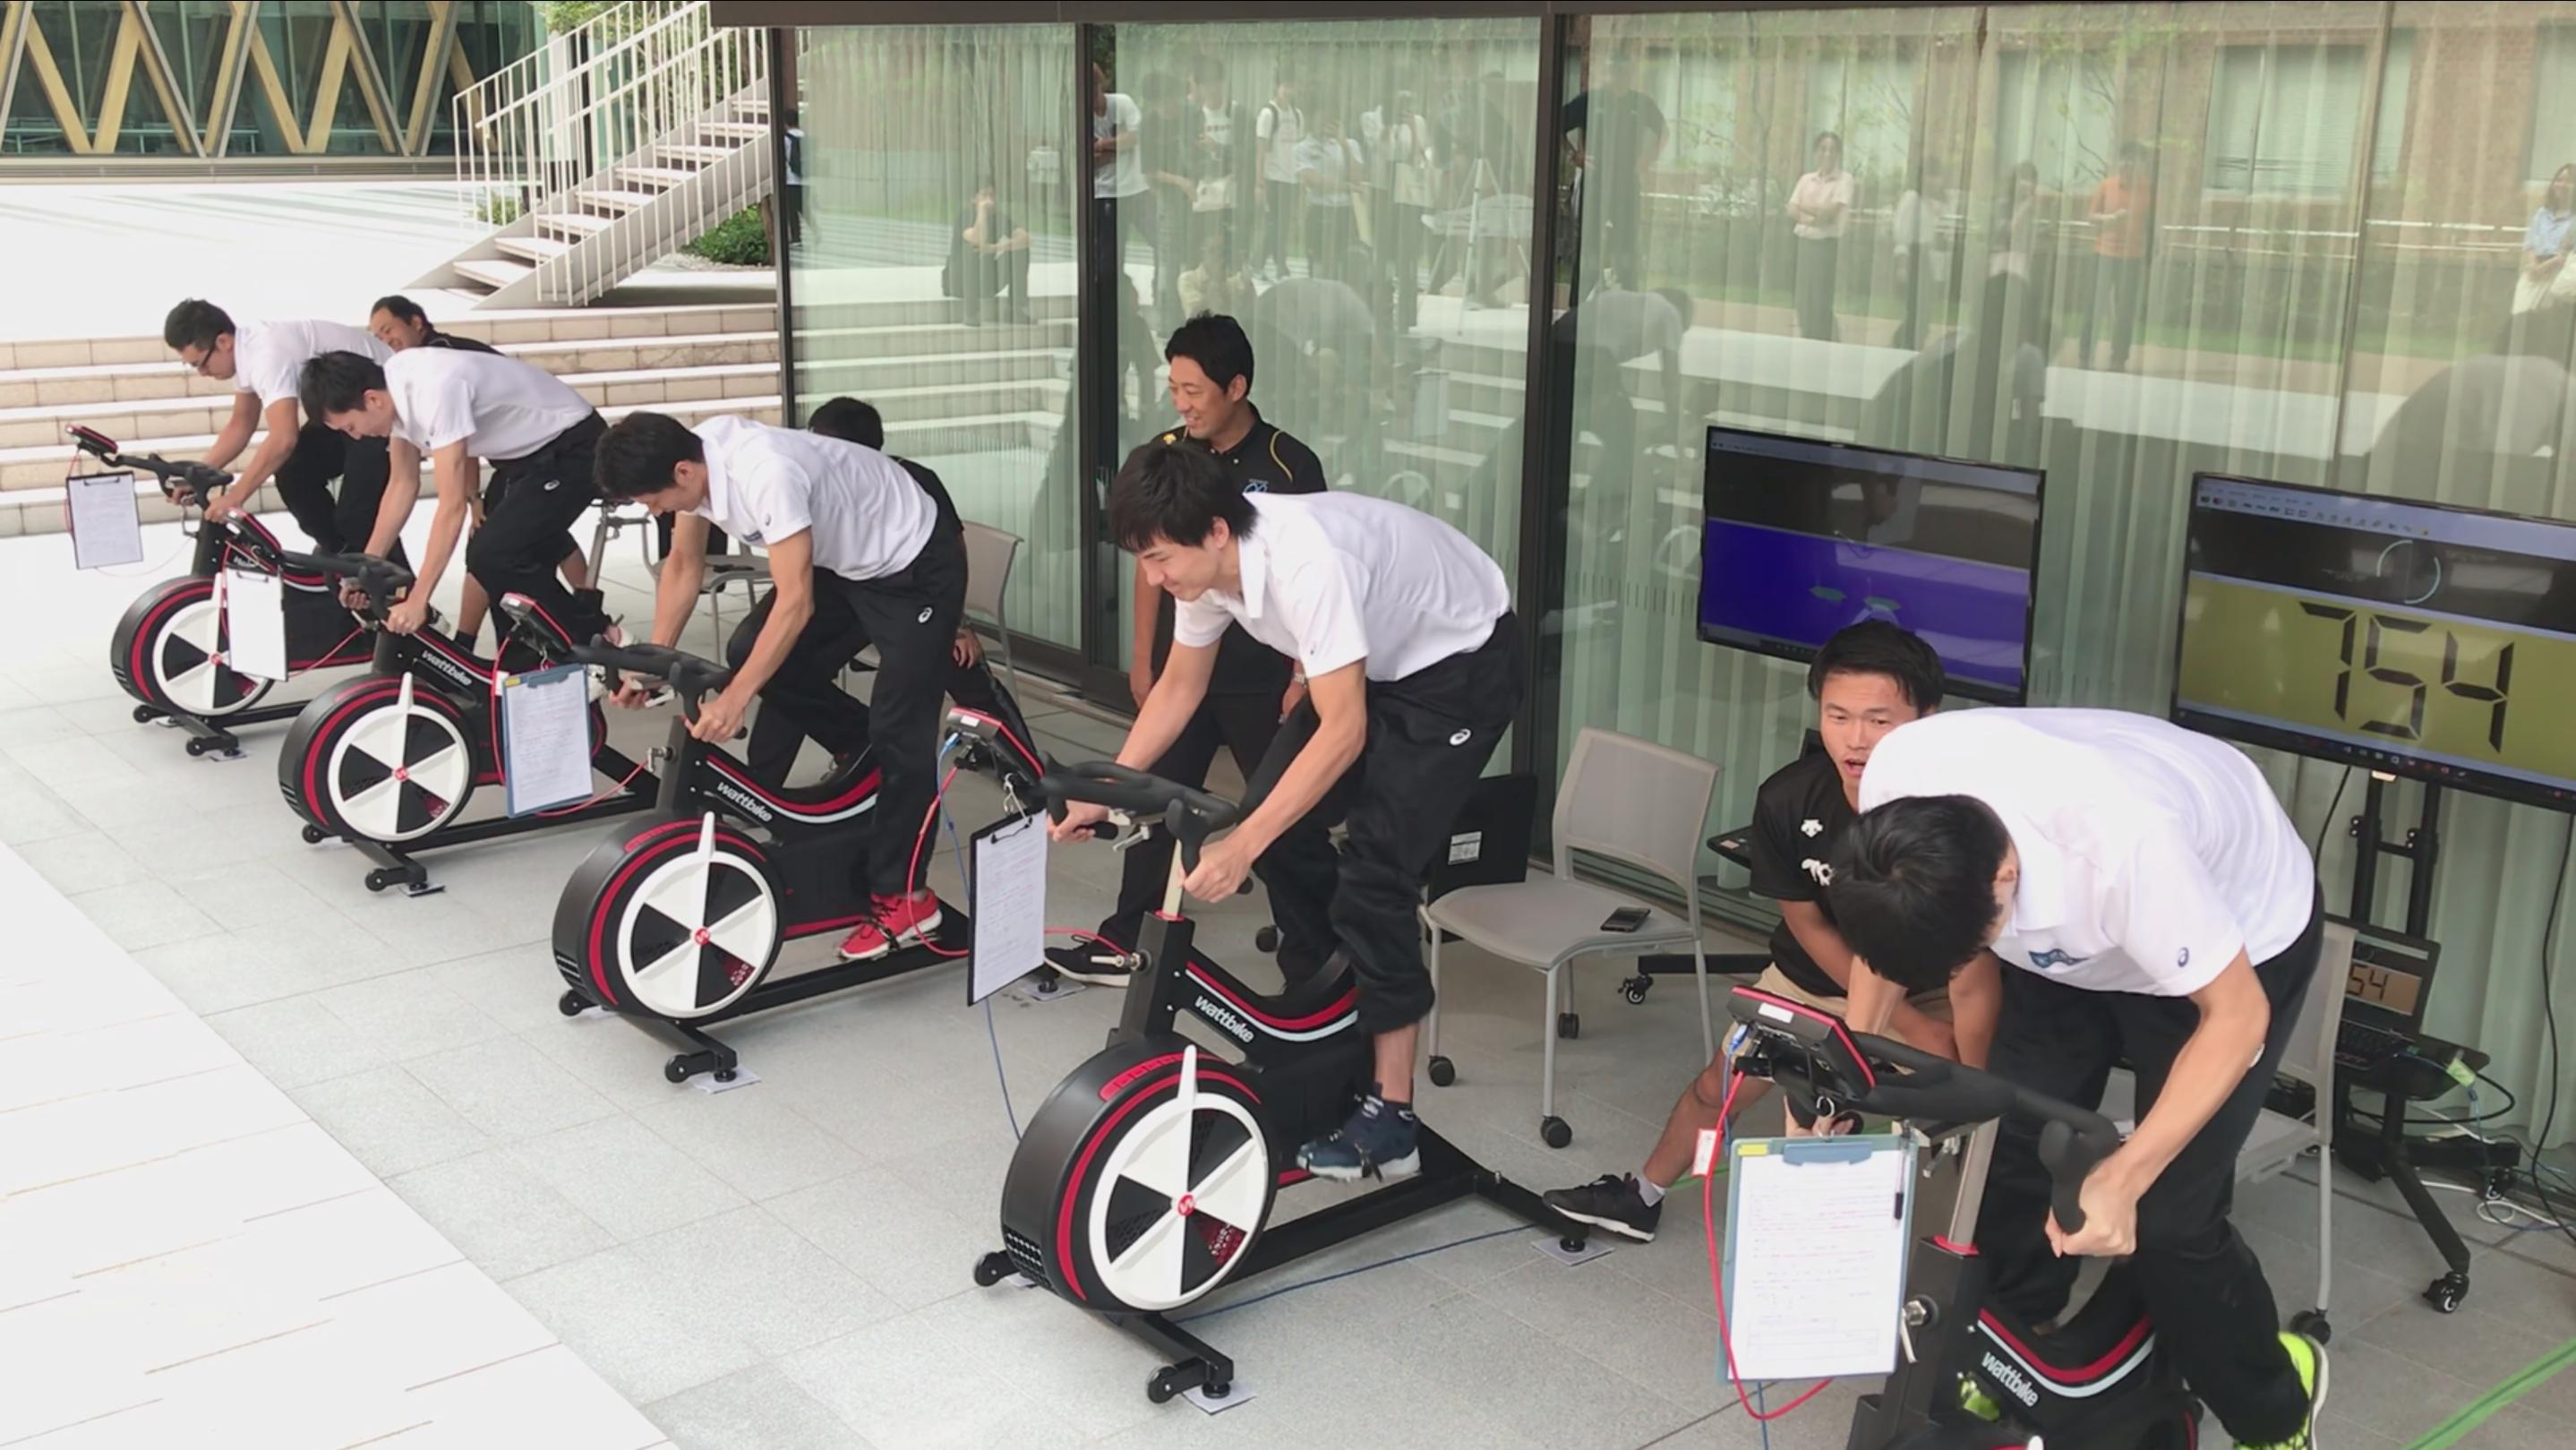 ペダリングパワーチャレンジin近畿大学 開催   近大最強の自転車スプリンターは誰だ!